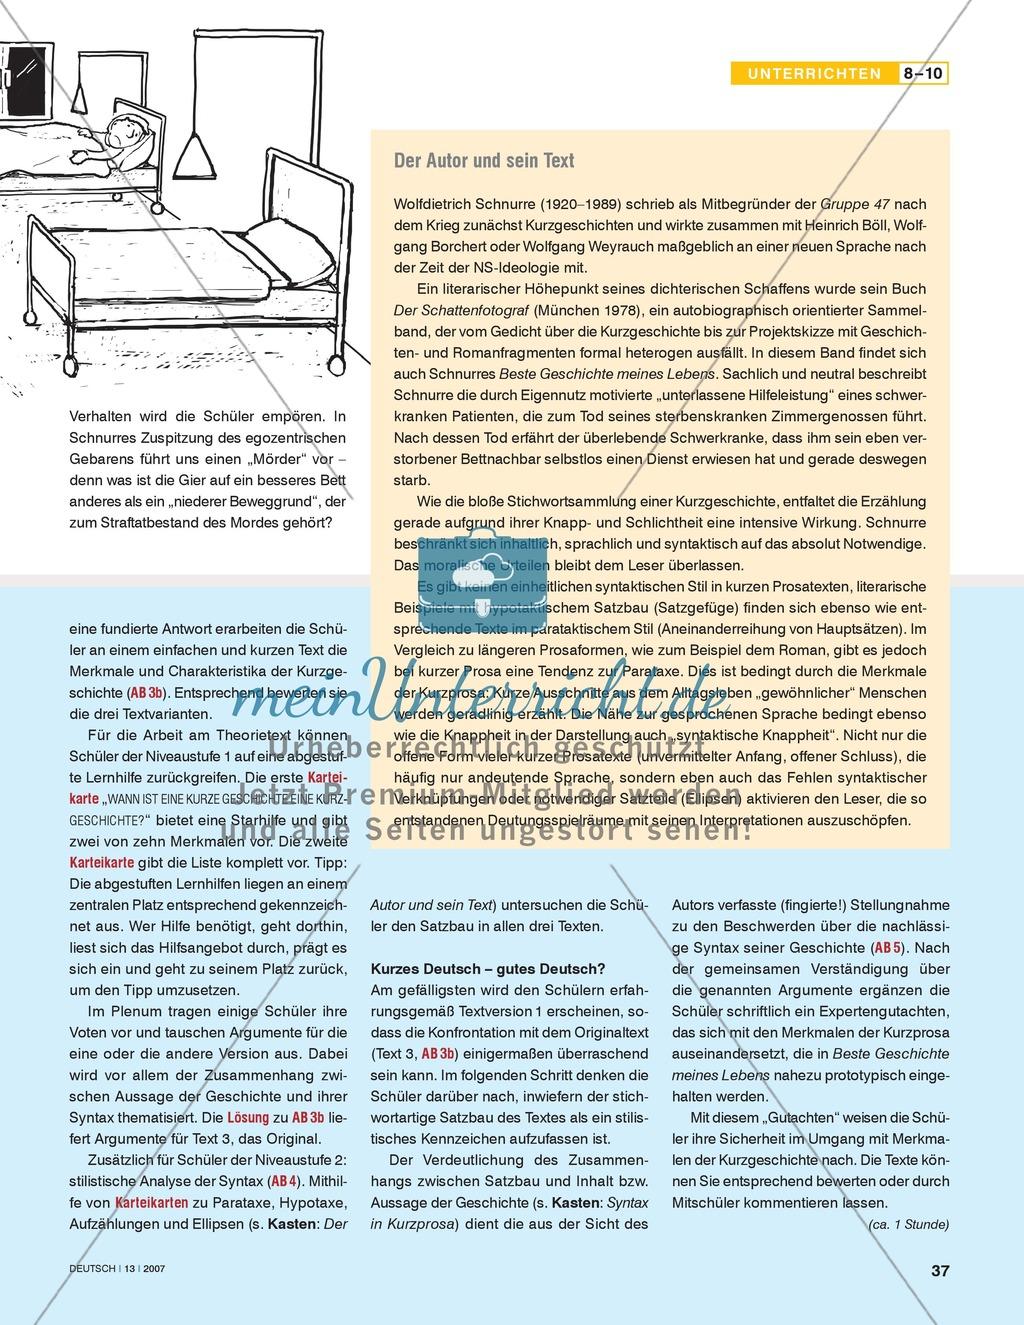 schnurres kurzgeschichte beste geschichte meines lebens satzbaumuster untersuchen. Black Bedroom Furniture Sets. Home Design Ideas